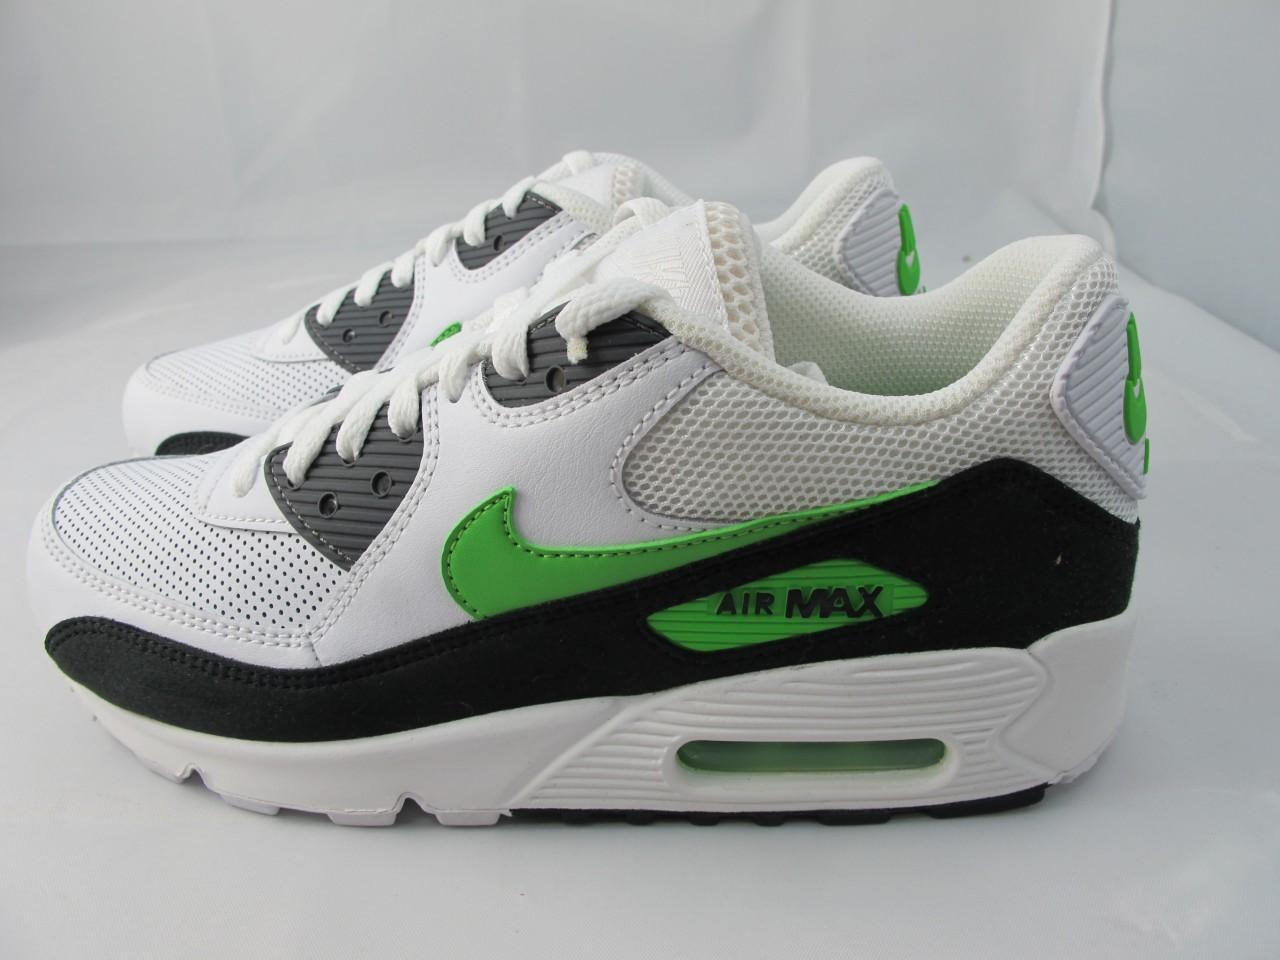 air max 90 green black white